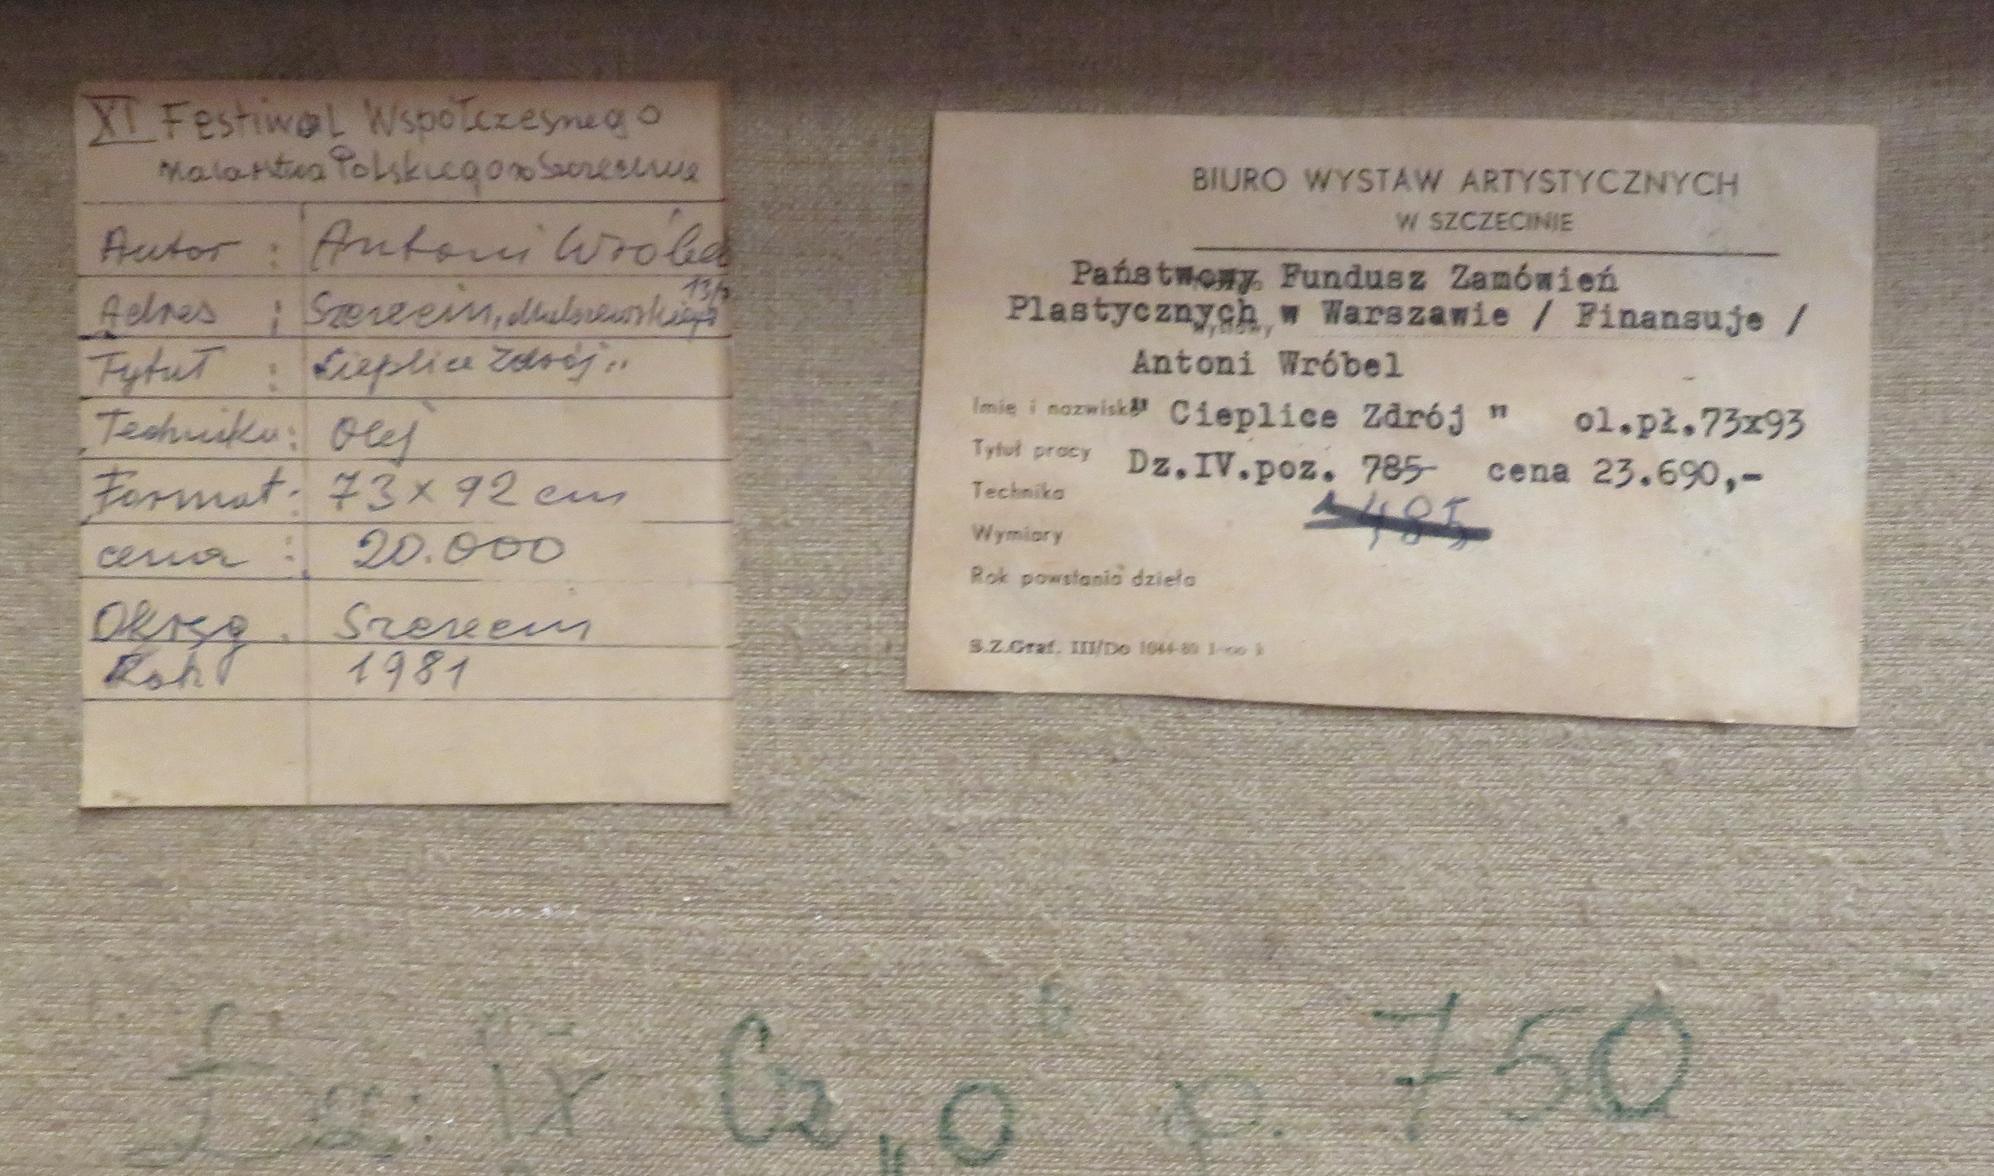 Metryczka obrazu Antoniego Wróbla